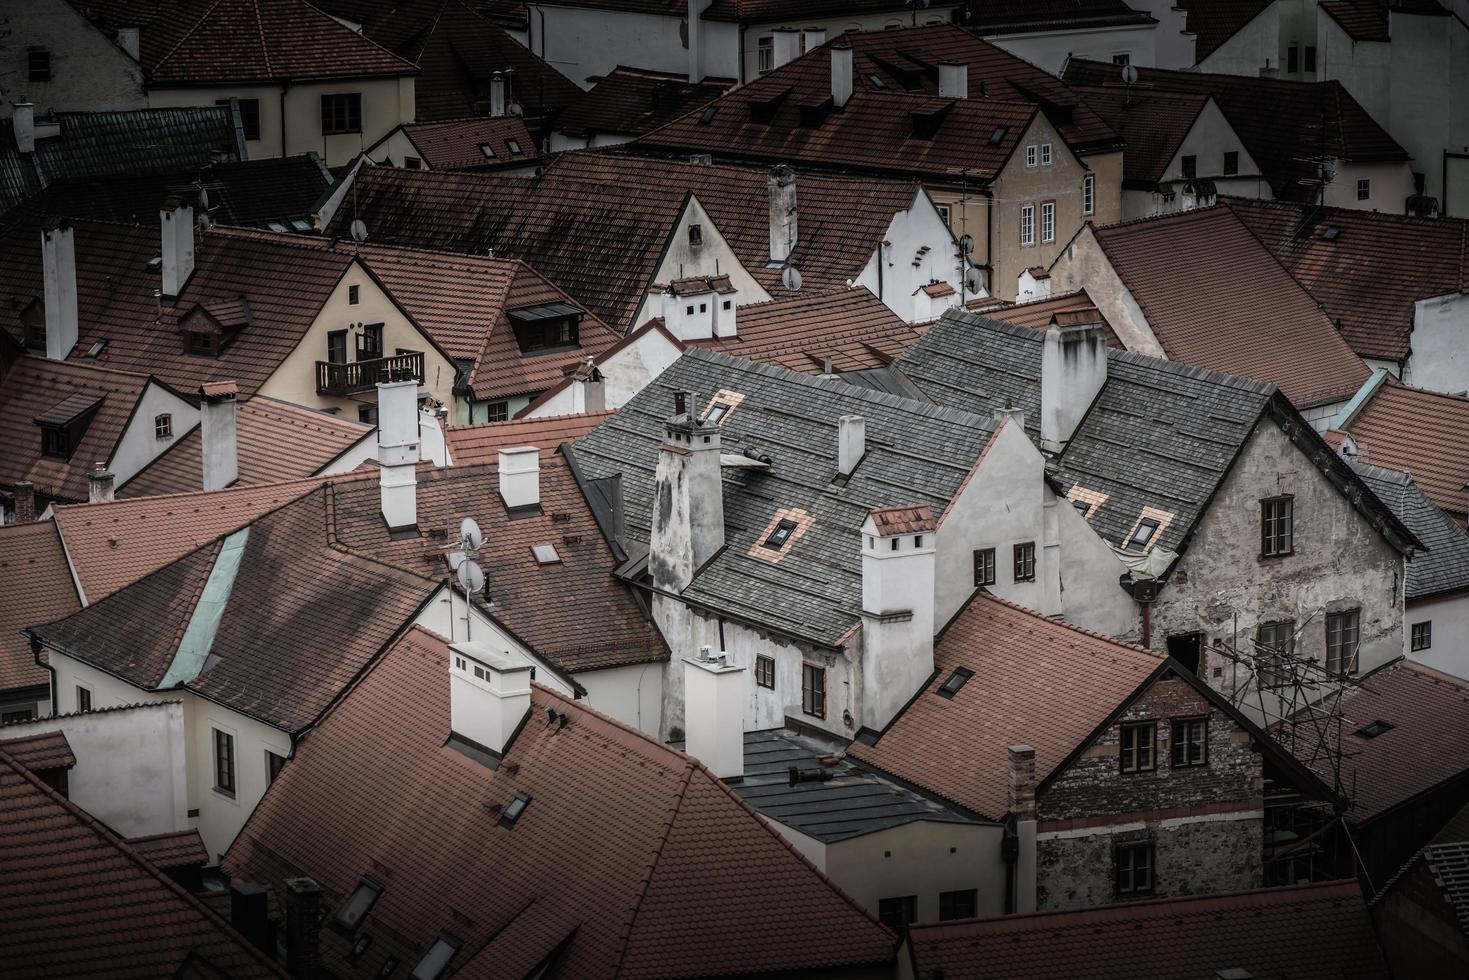 Dächer von Häusern in der Altstadt von Cesky Krumlov foto